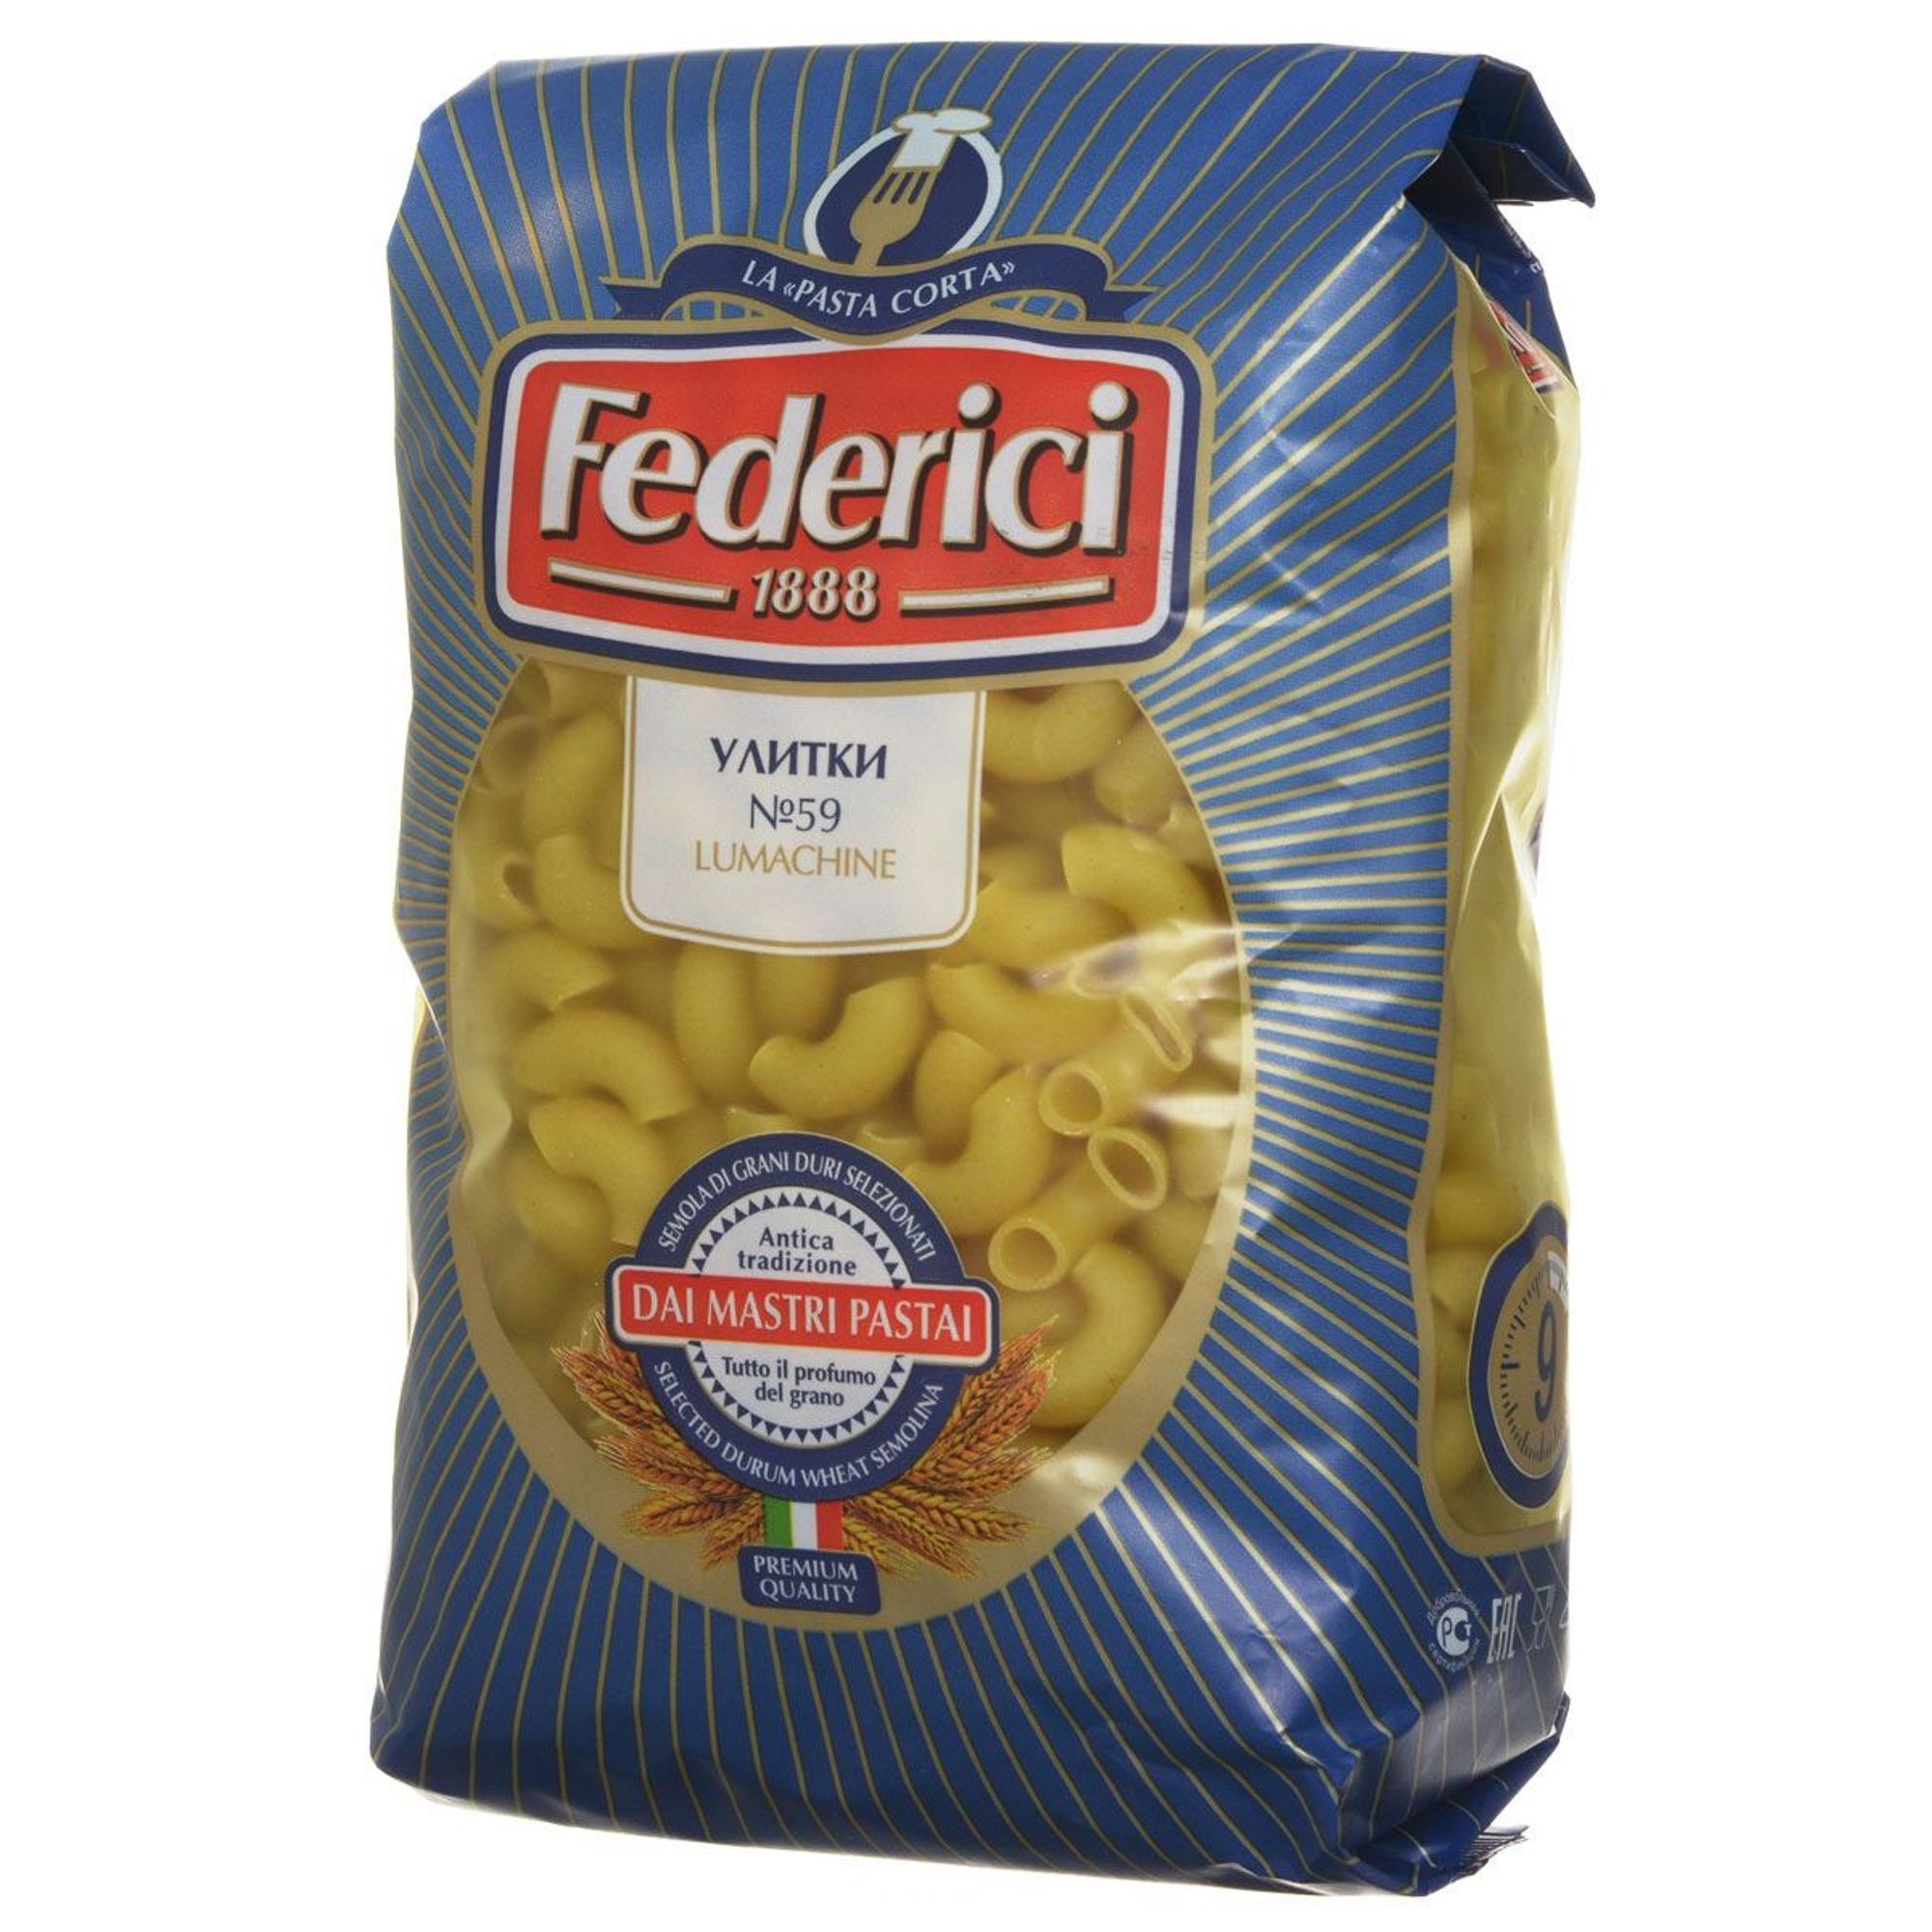 Макаронные изделия Federici Улитки 500 г макаронные изделия heinz вермишелька фигурки с 10 мес 340 г